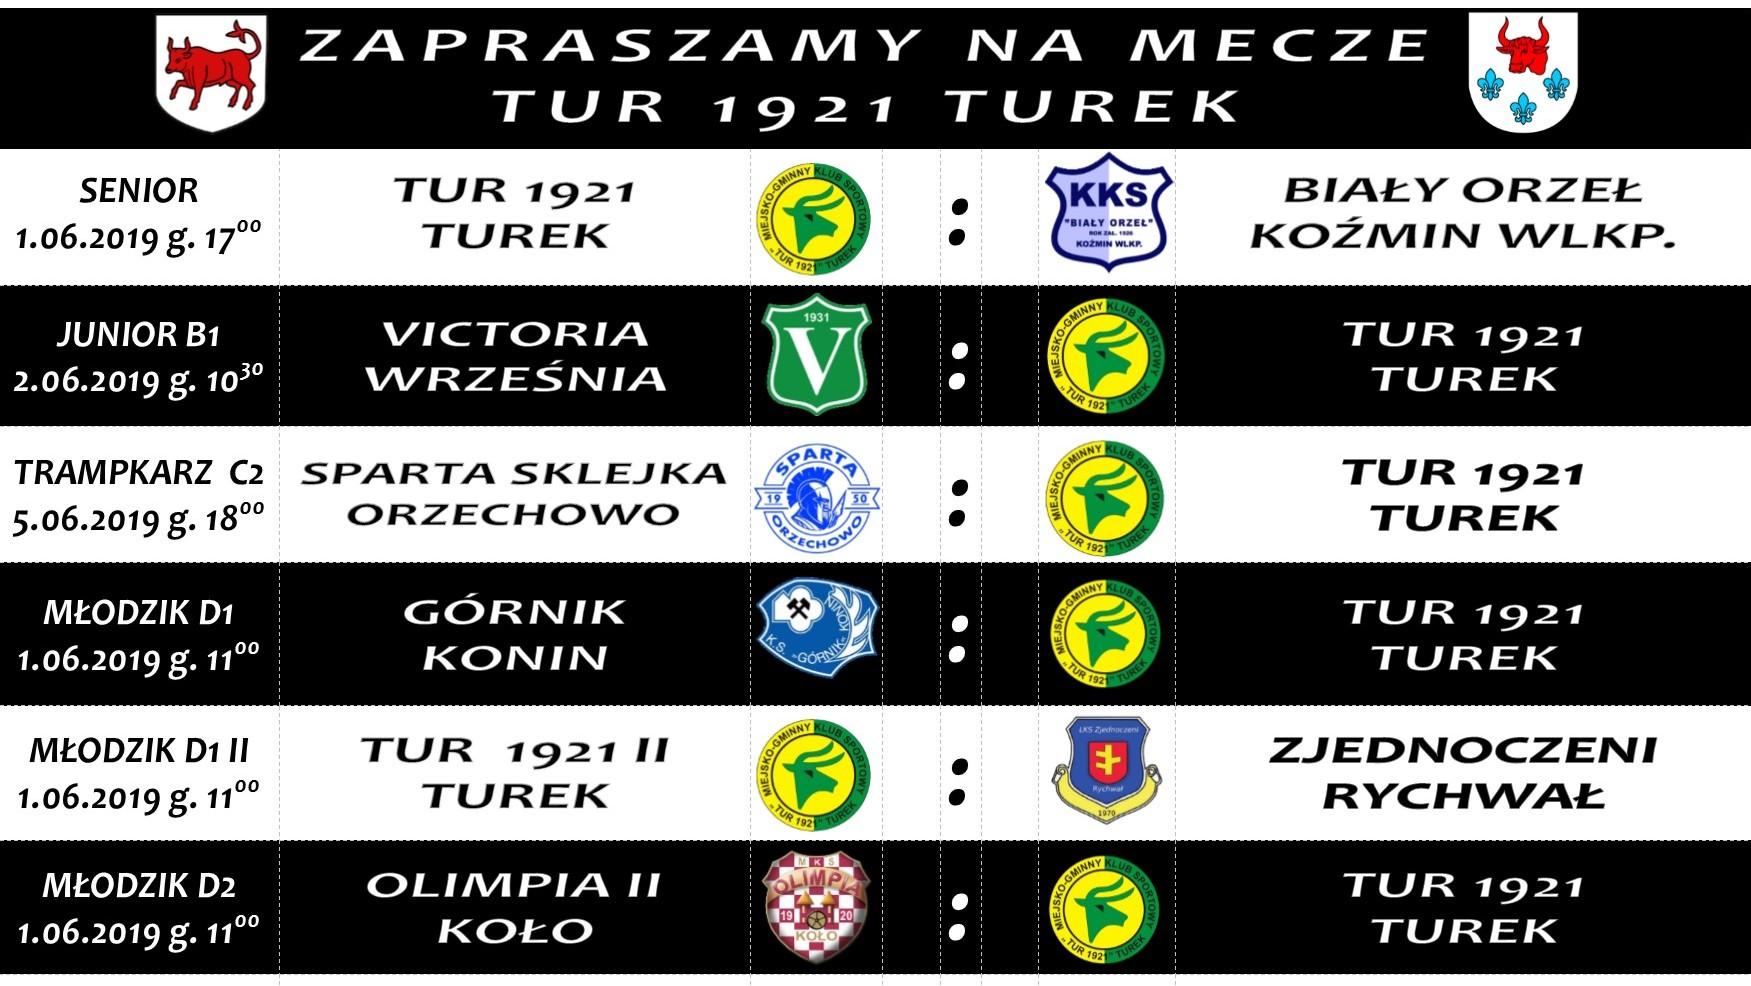 Zaproszenie na mecze Tur 1921 Turek